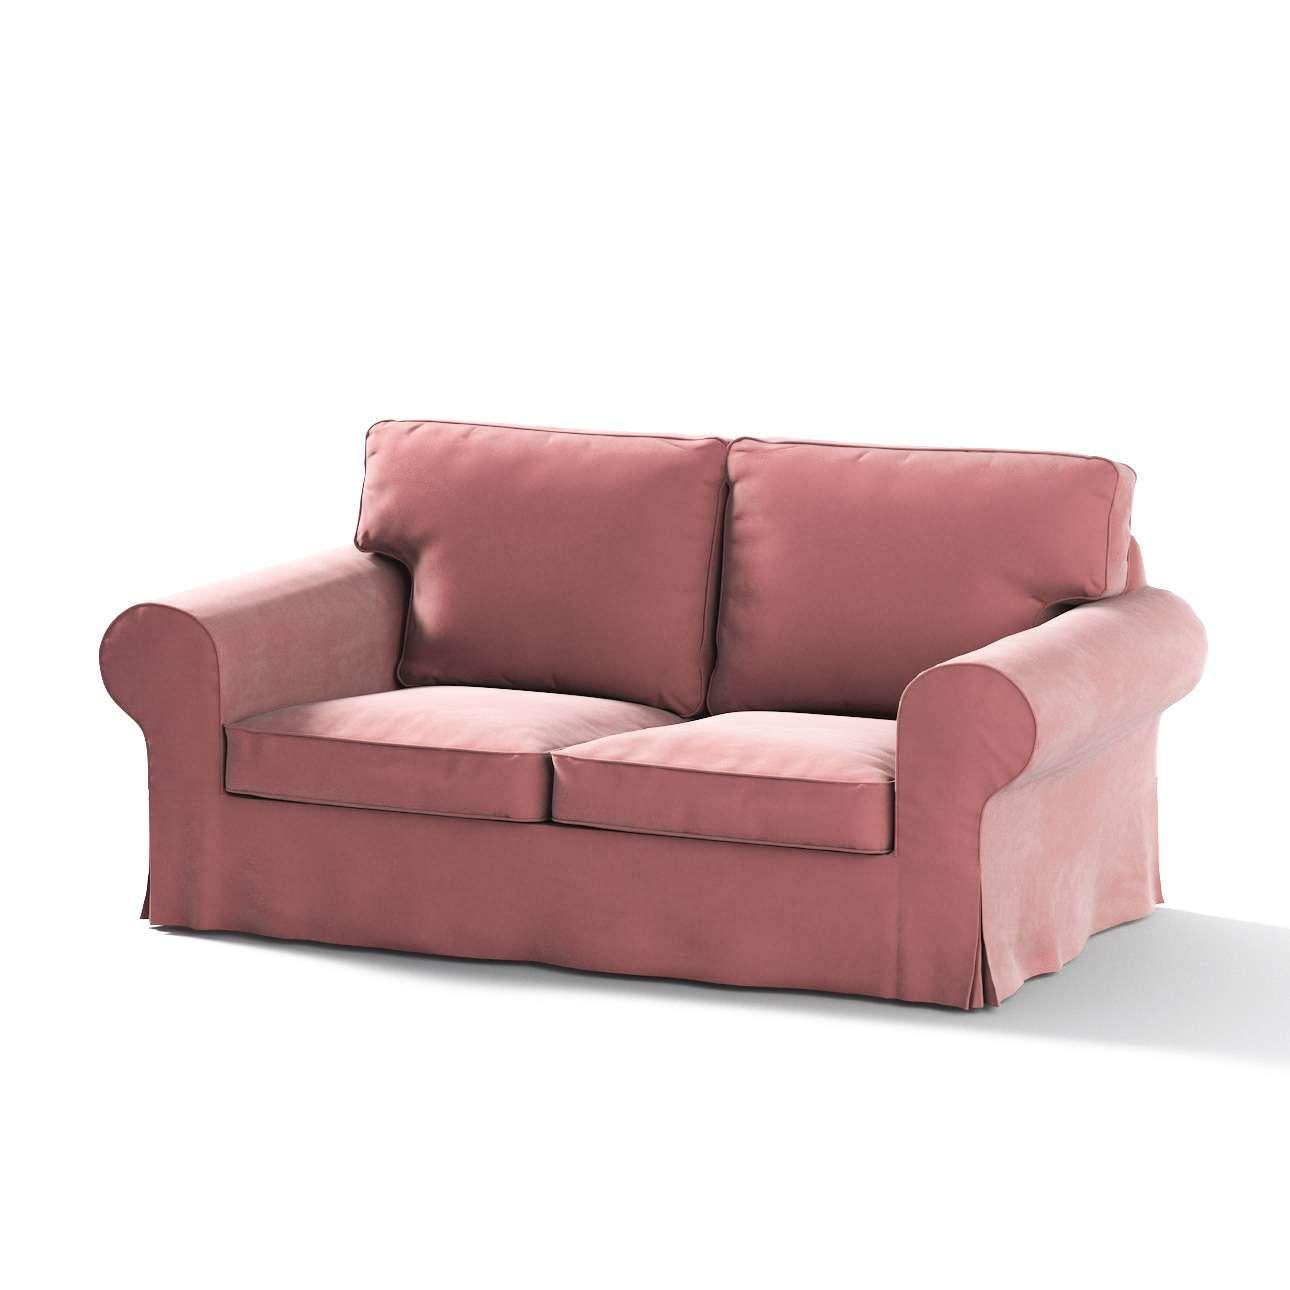 Pokrowiec na sofę Ektorp 2-osobową, rozkładaną, model do 2012 w kolekcji Velvet, tkanina: 704-30